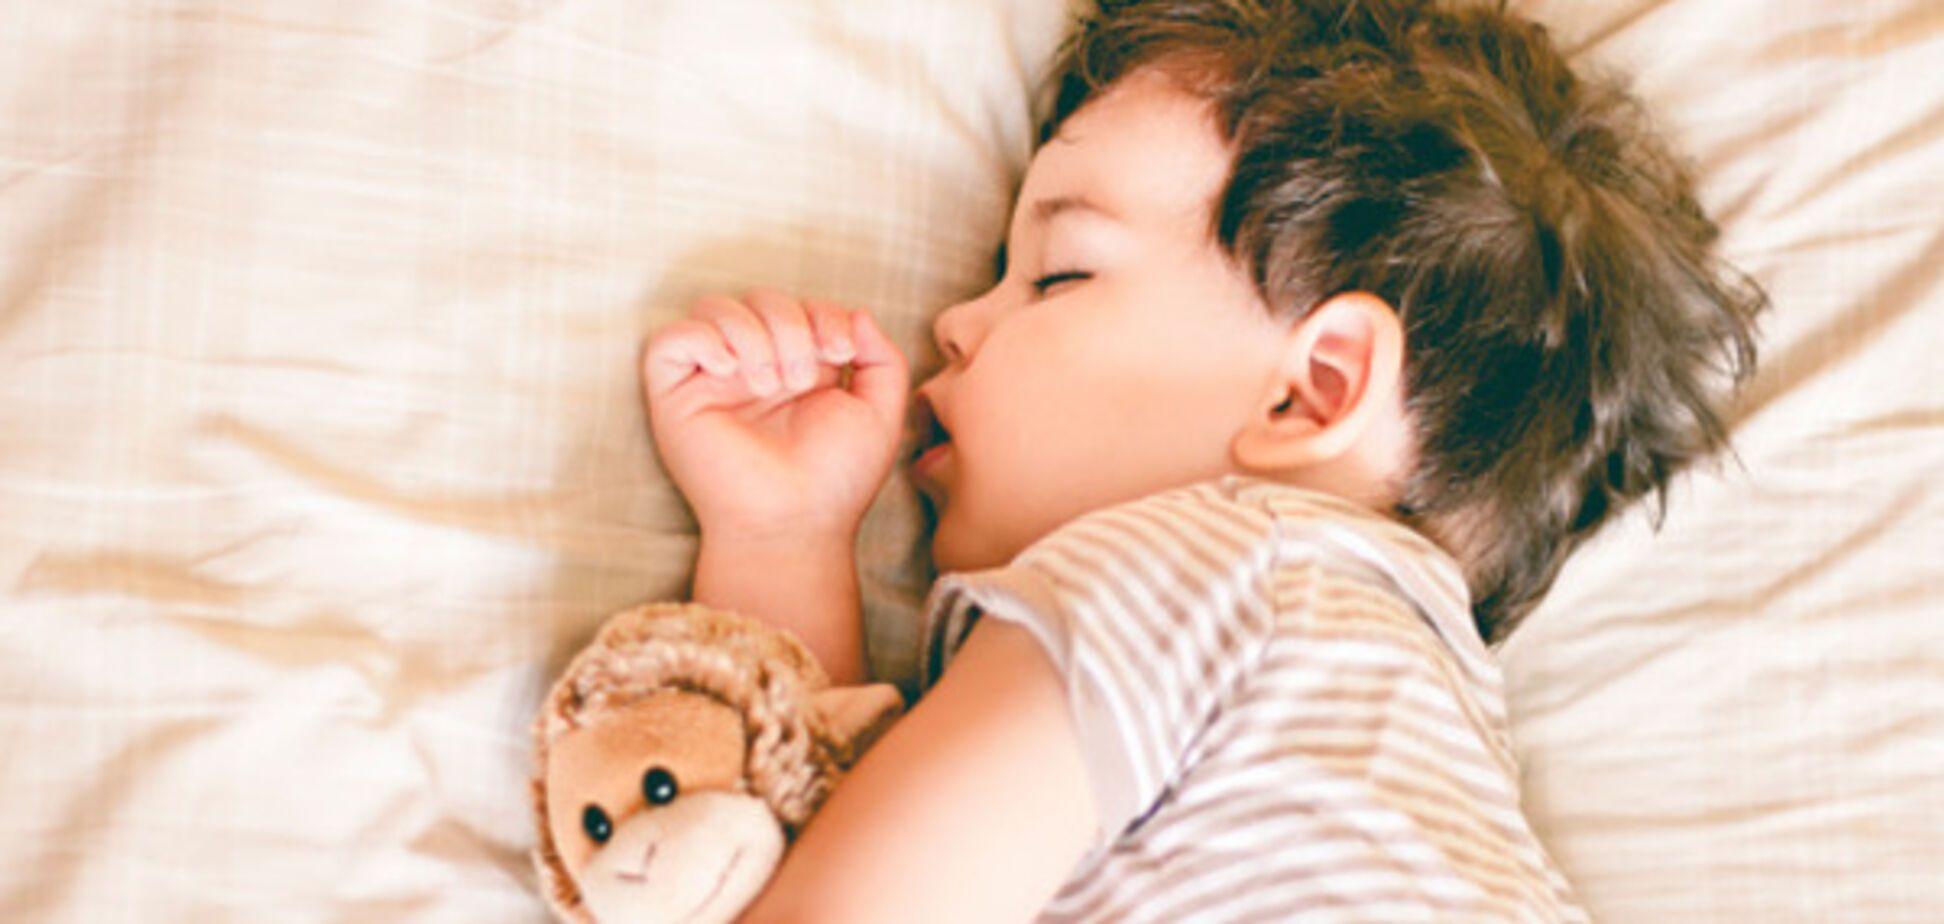 Вчені з'ясували, до яких проблем зі здоров'ям призводить недосипання у дітей